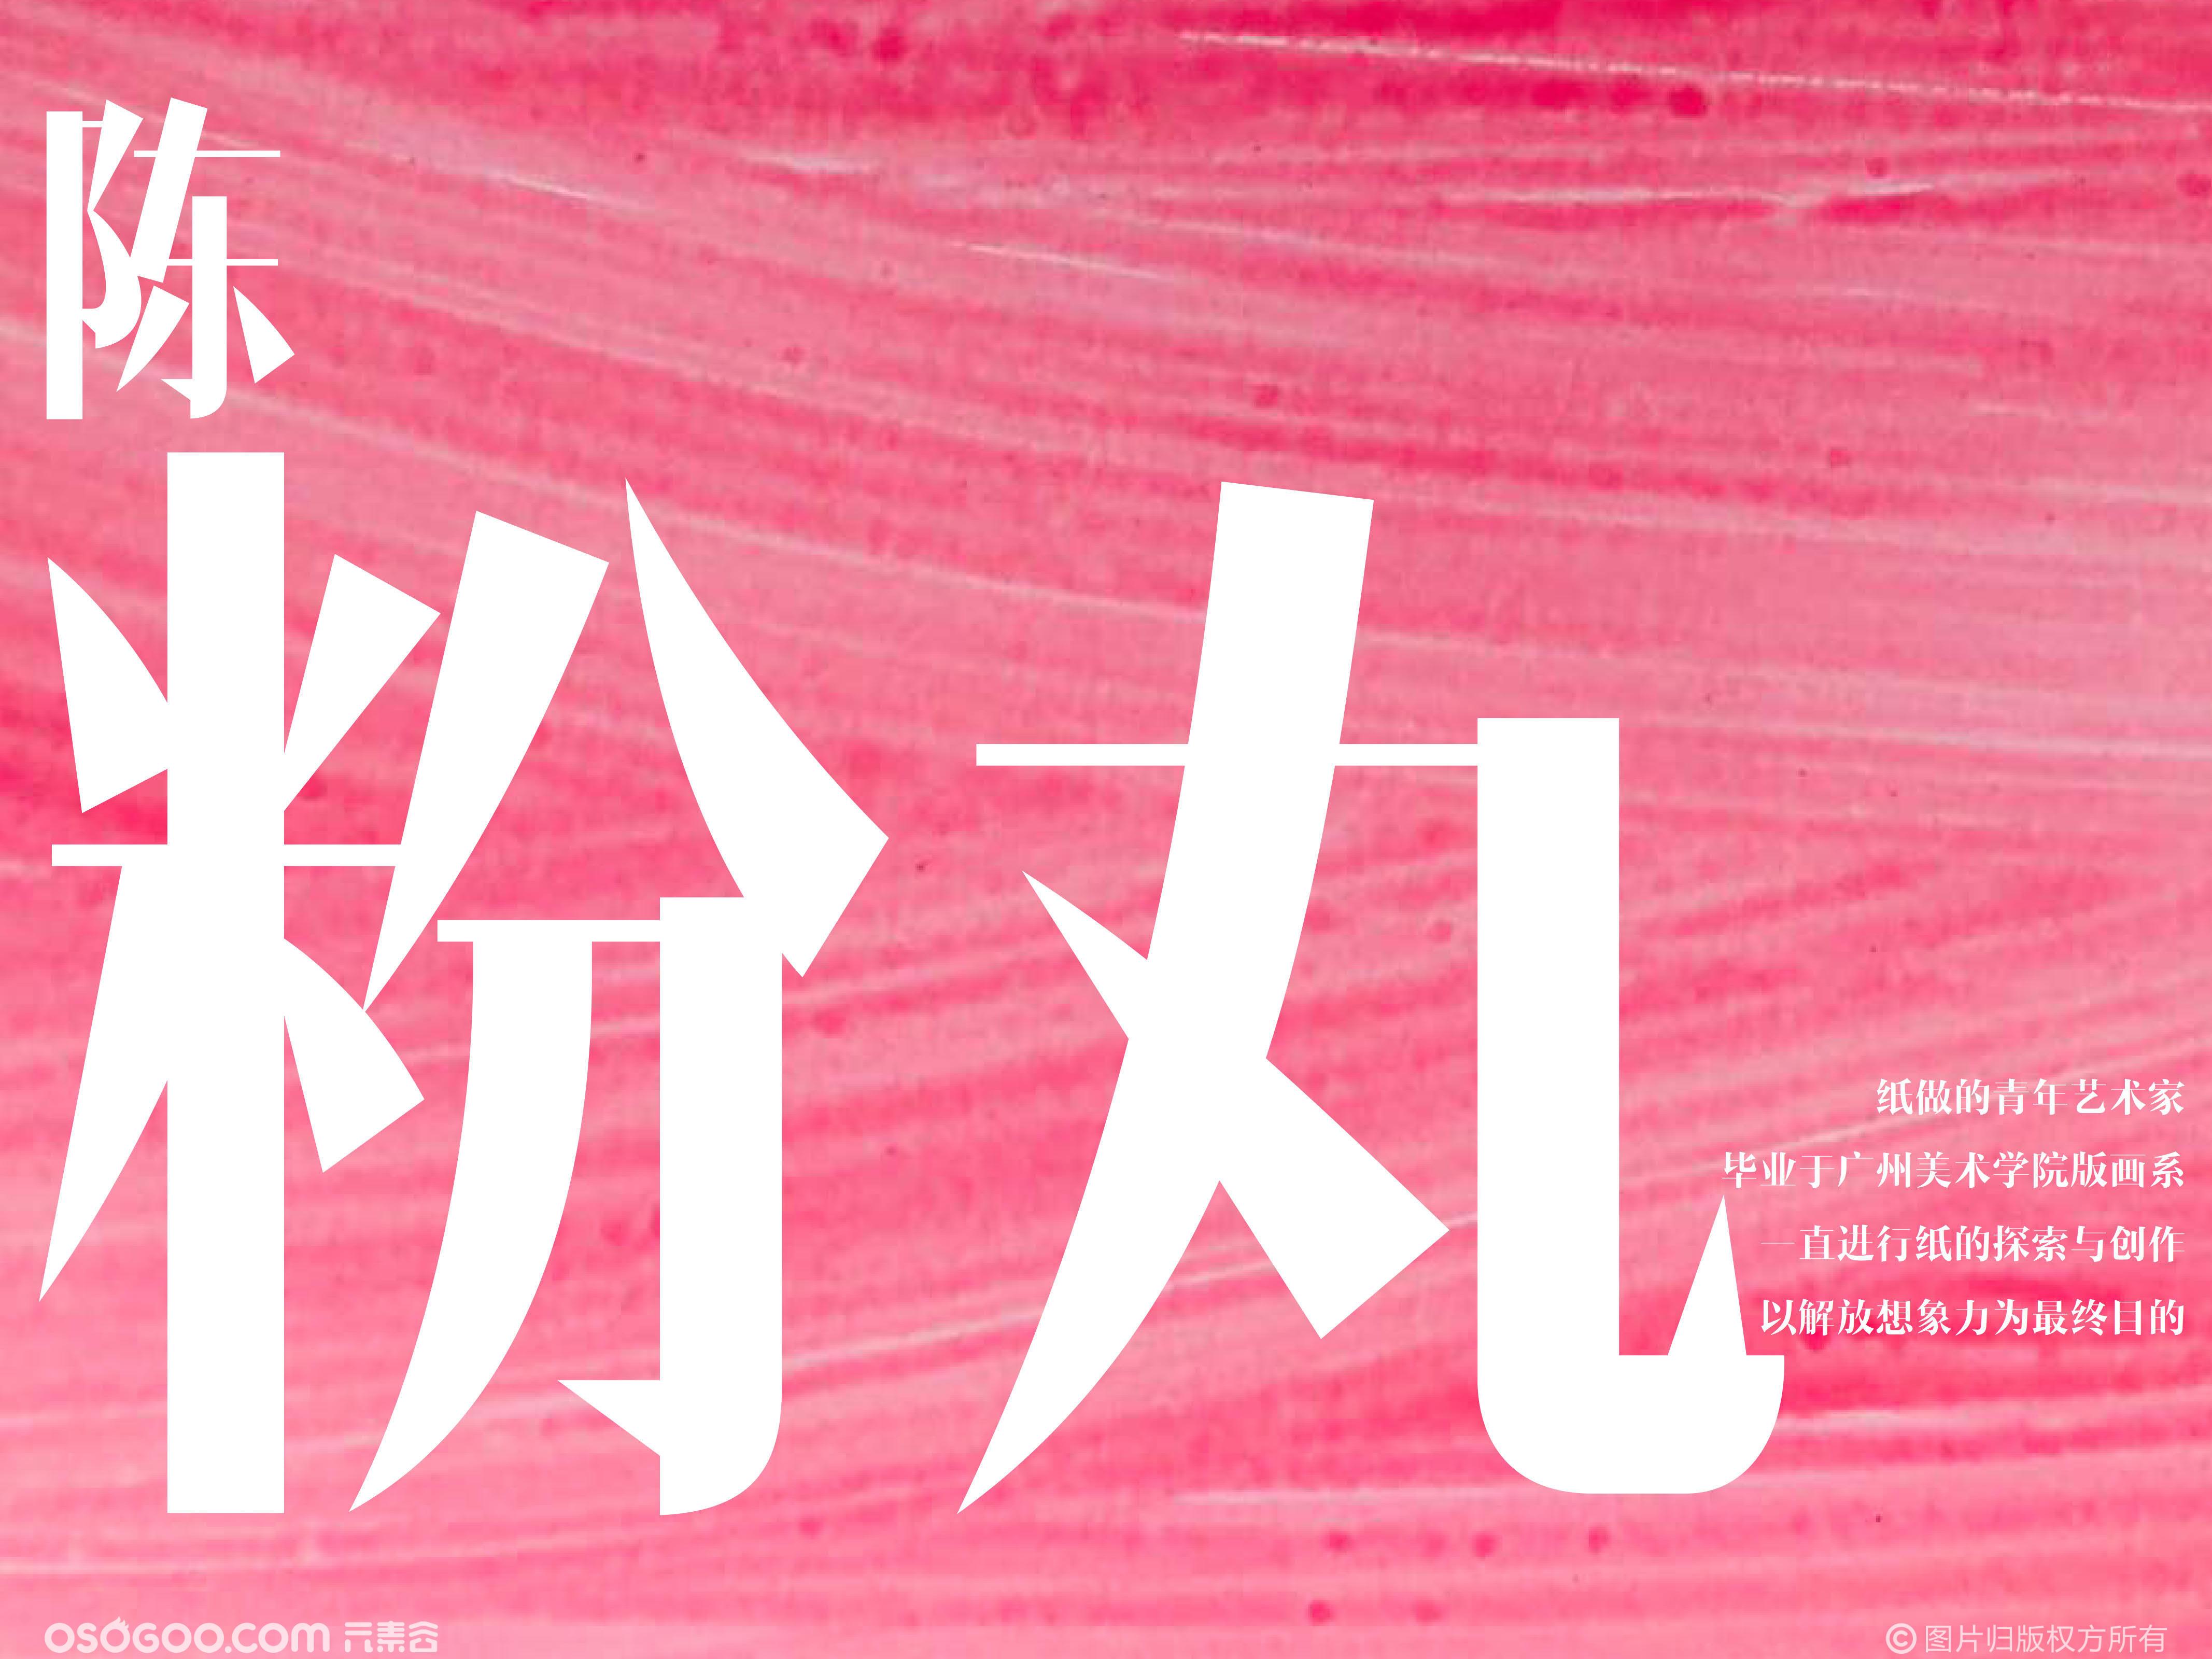 剪纸艺术家陈粉丸艺术展